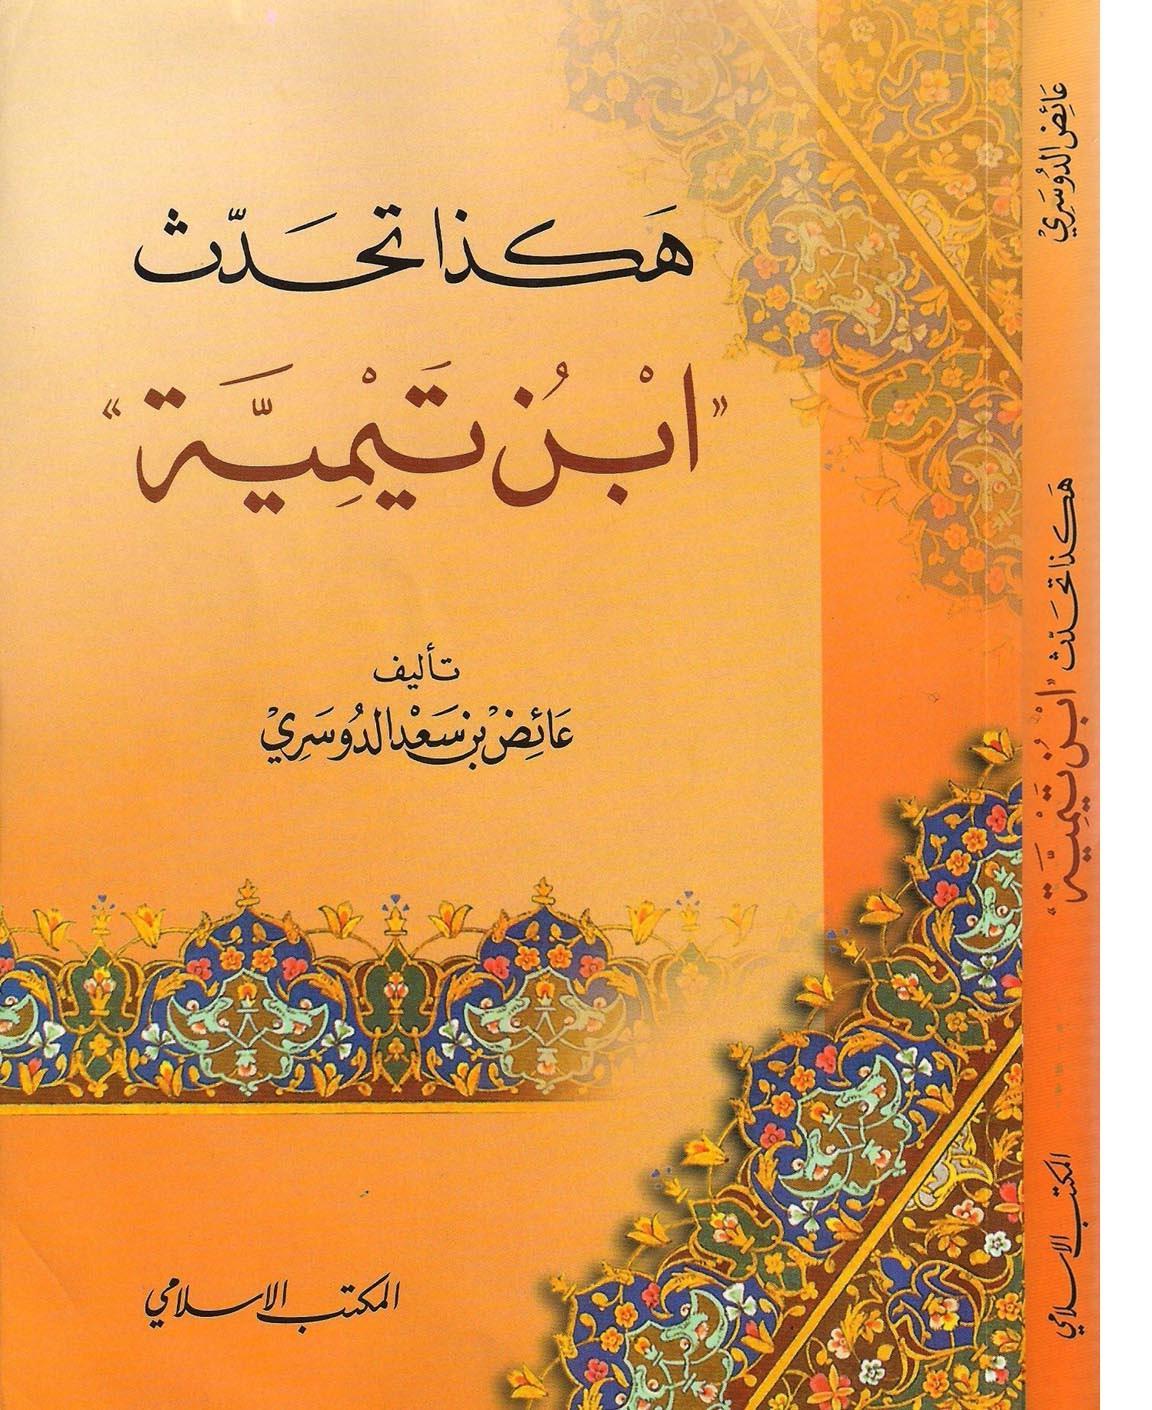 موسوعة كتب الحديث الشريف وعلومه (الجزء 11)